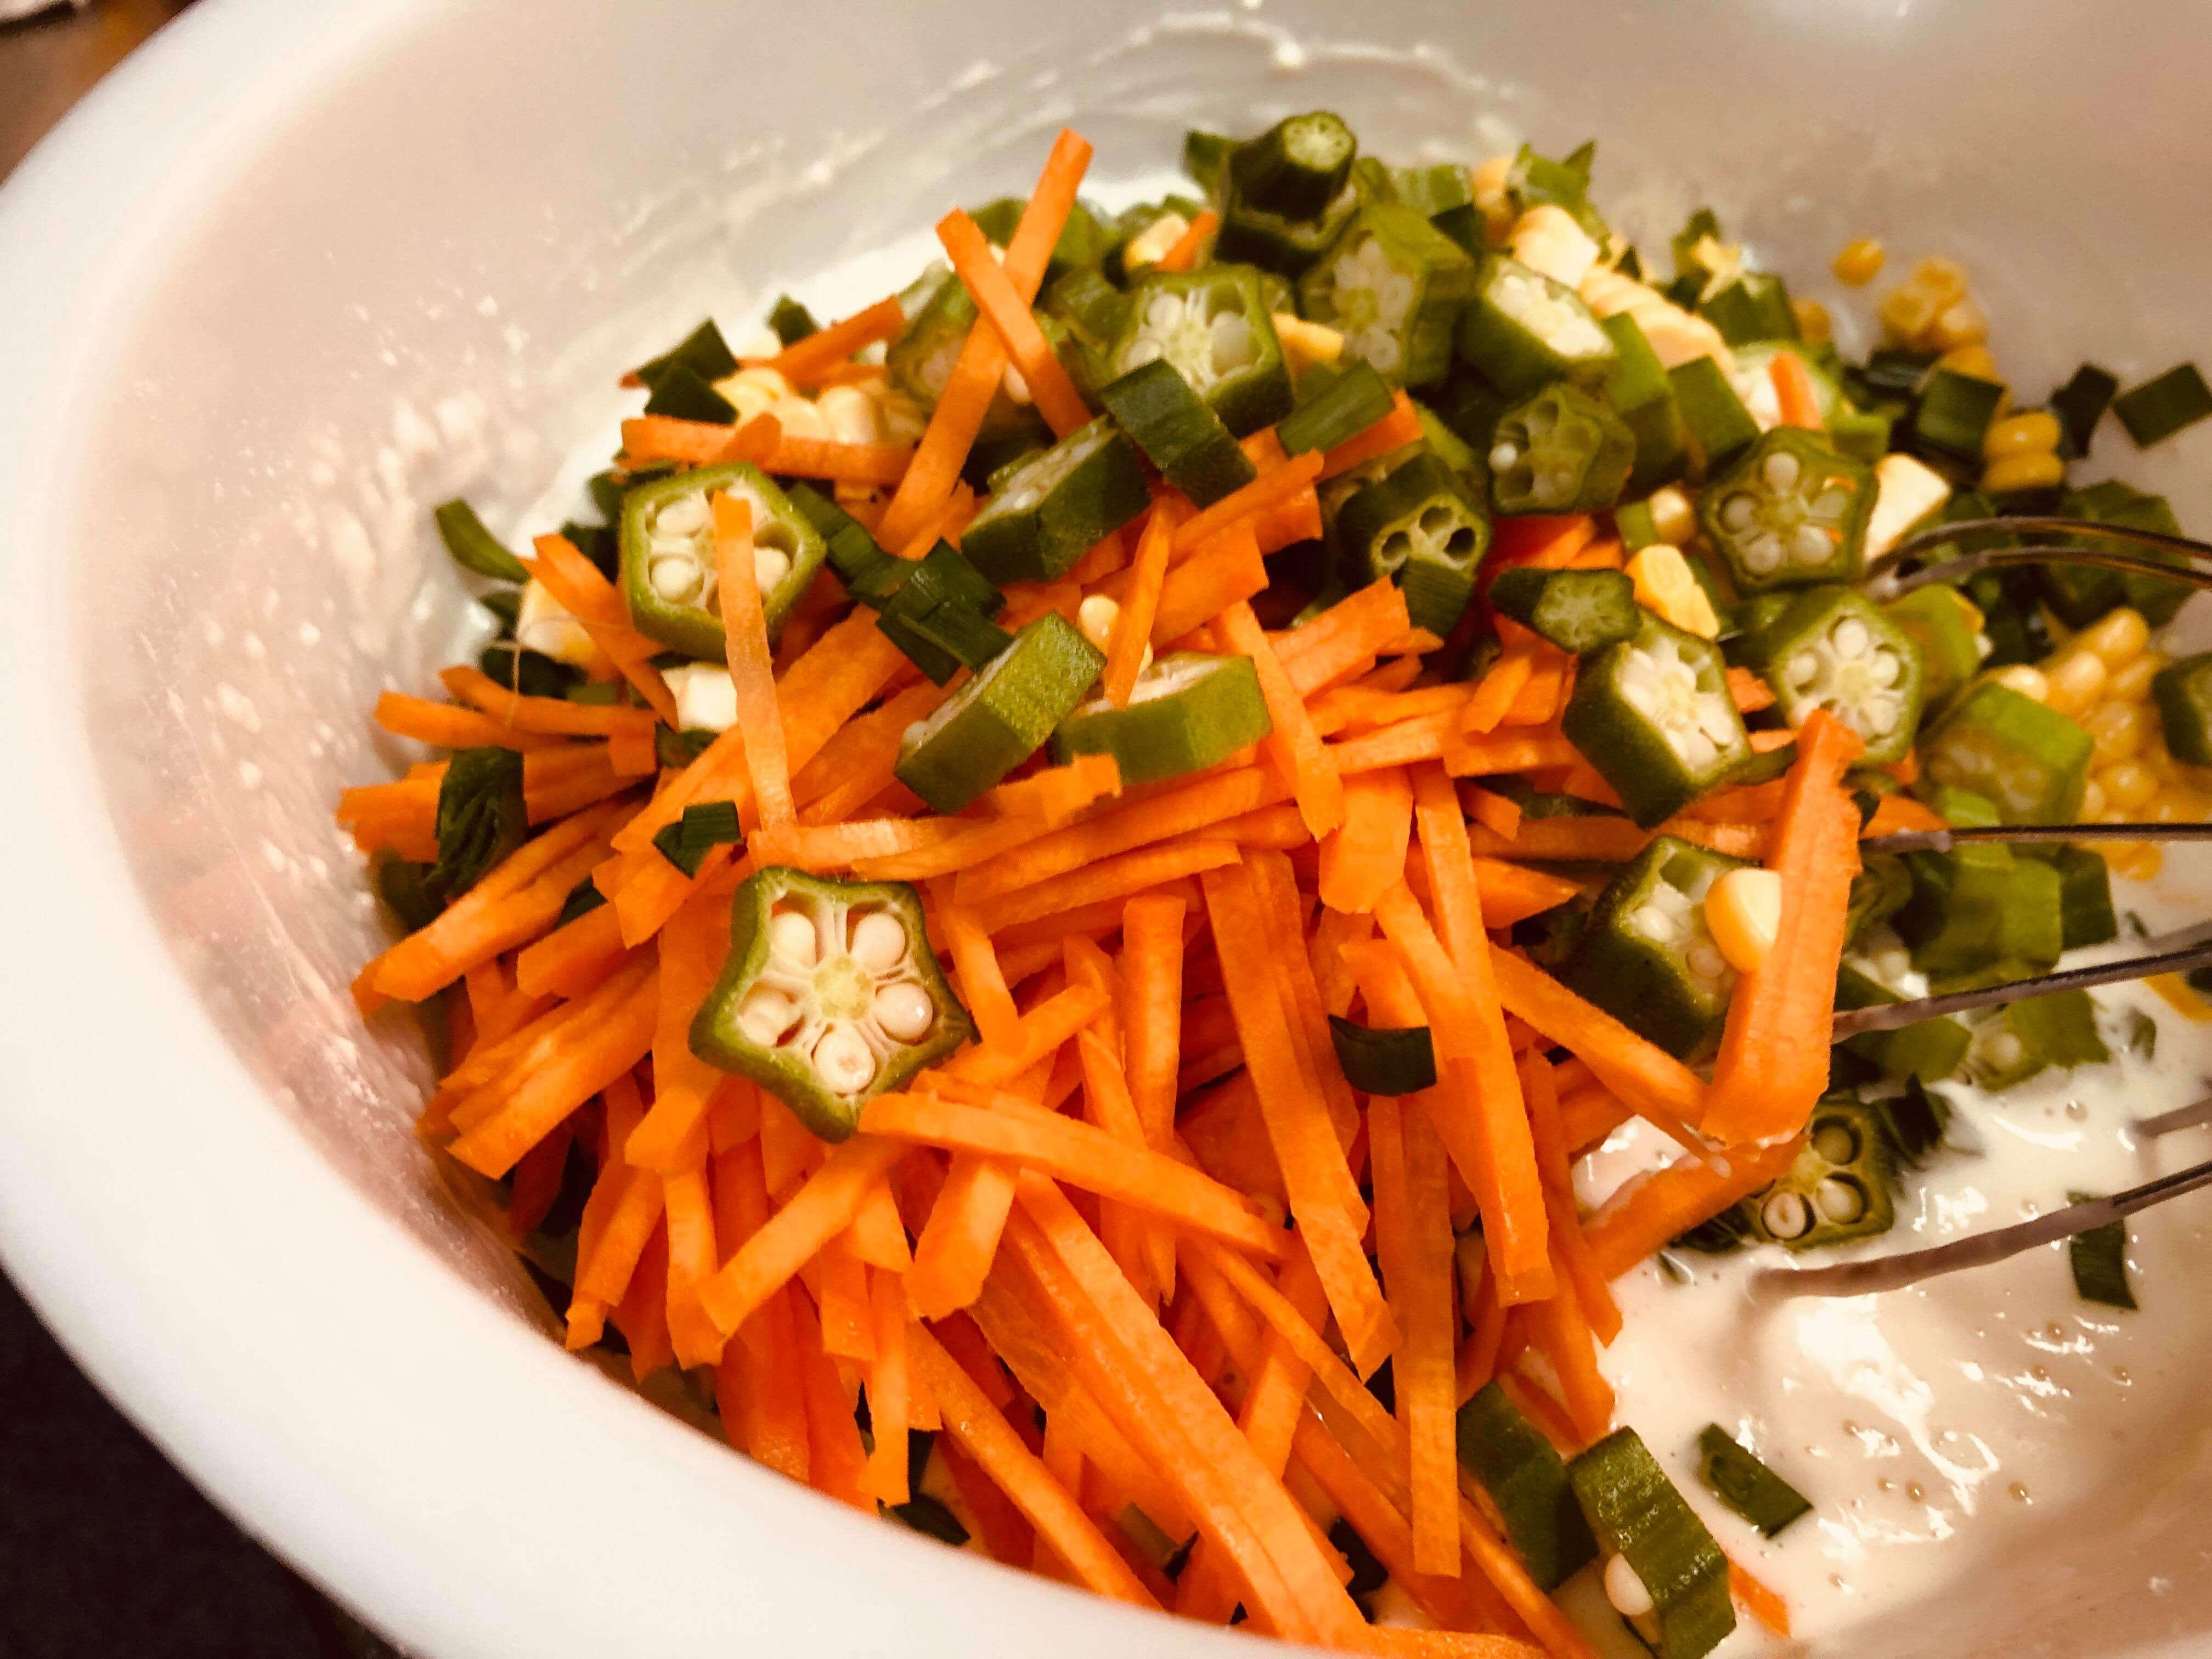 そこにカットした野菜を軽く混ぜ合わせます。